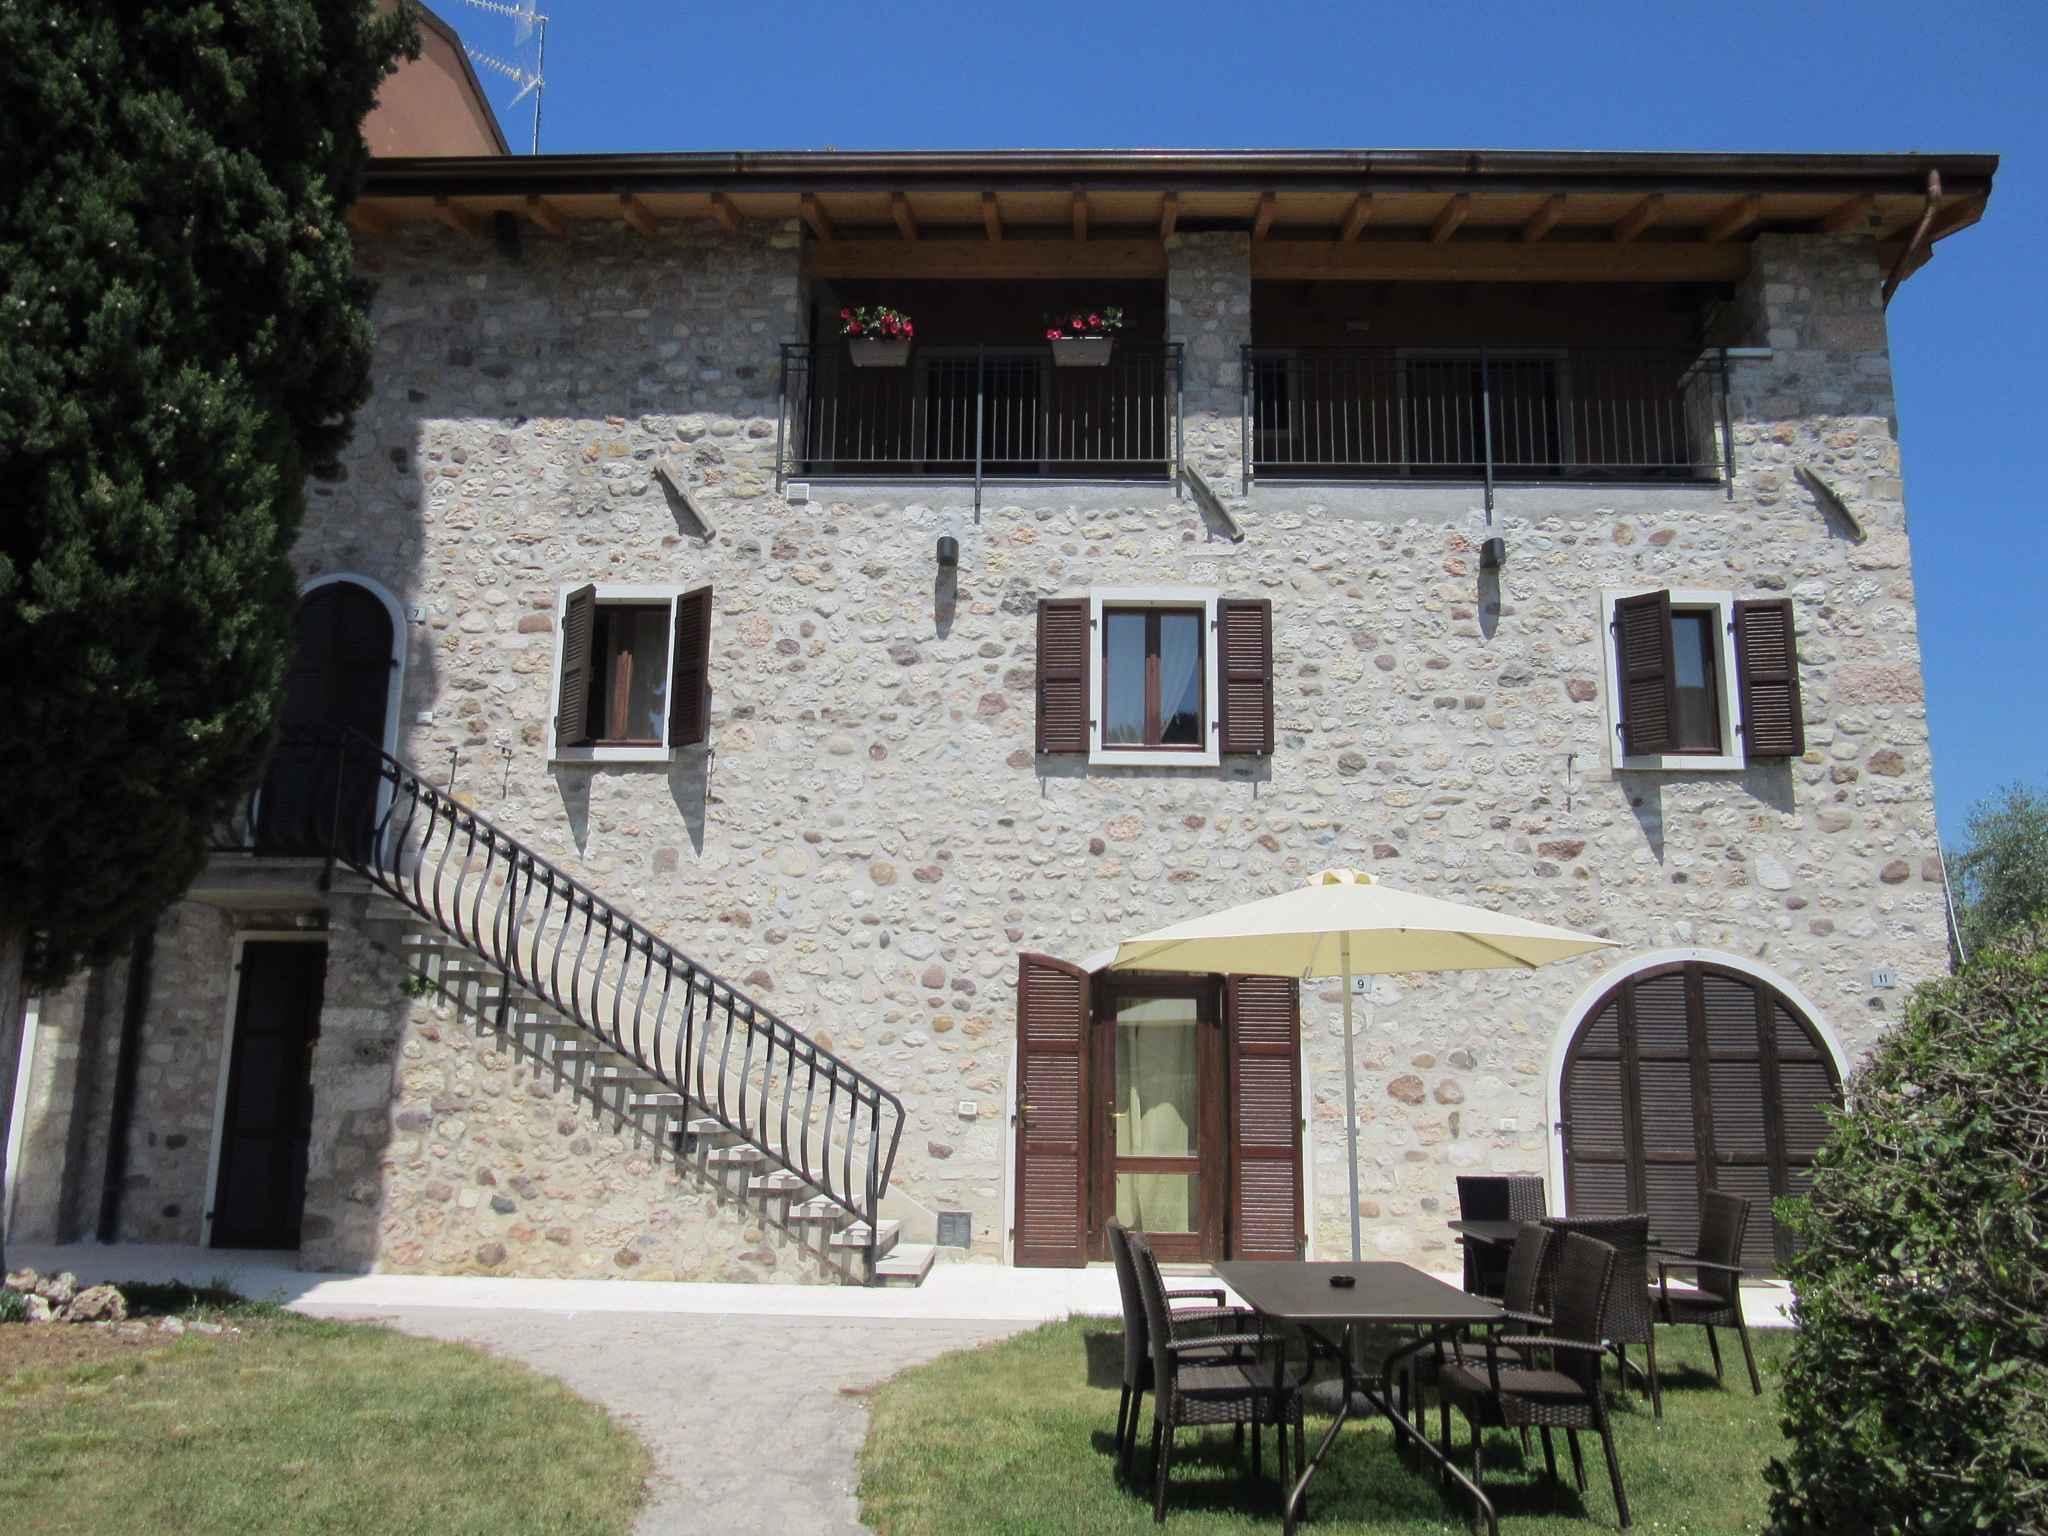 Ferienwohnung Residenz Rustico (279540), Garda, Gardasee, Venetien, Italien, Bild 5